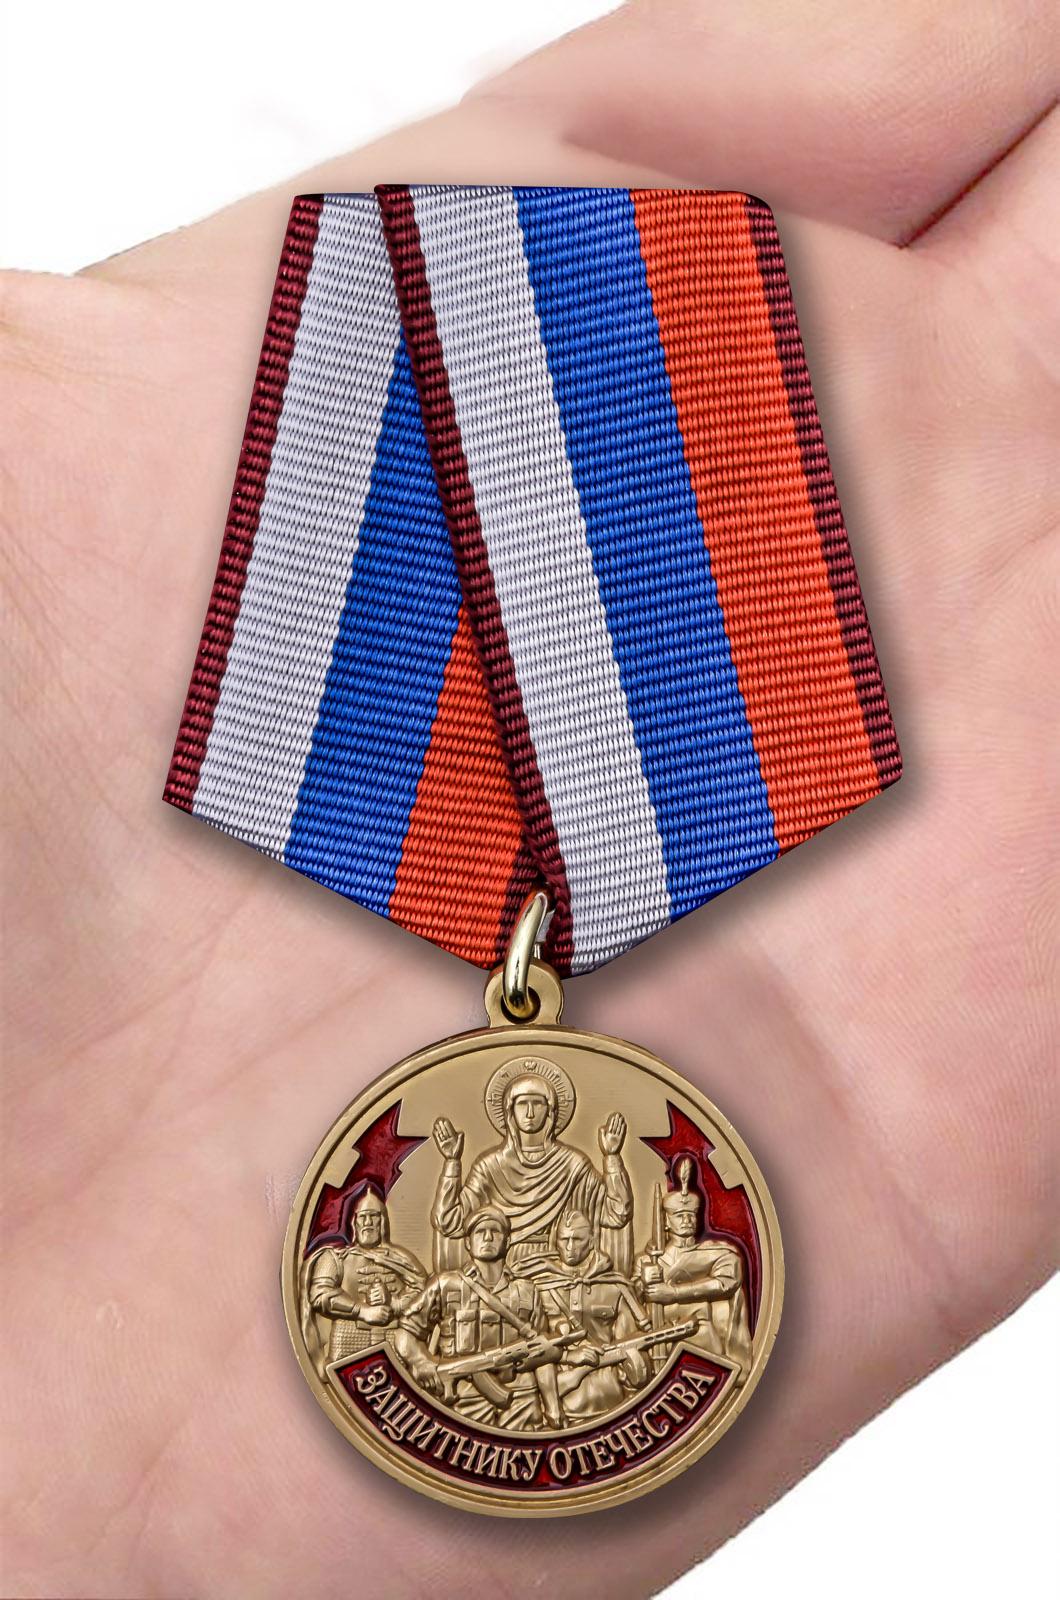 Наградная медаль Защитнику Отечества 23 февраля - вид на ладони